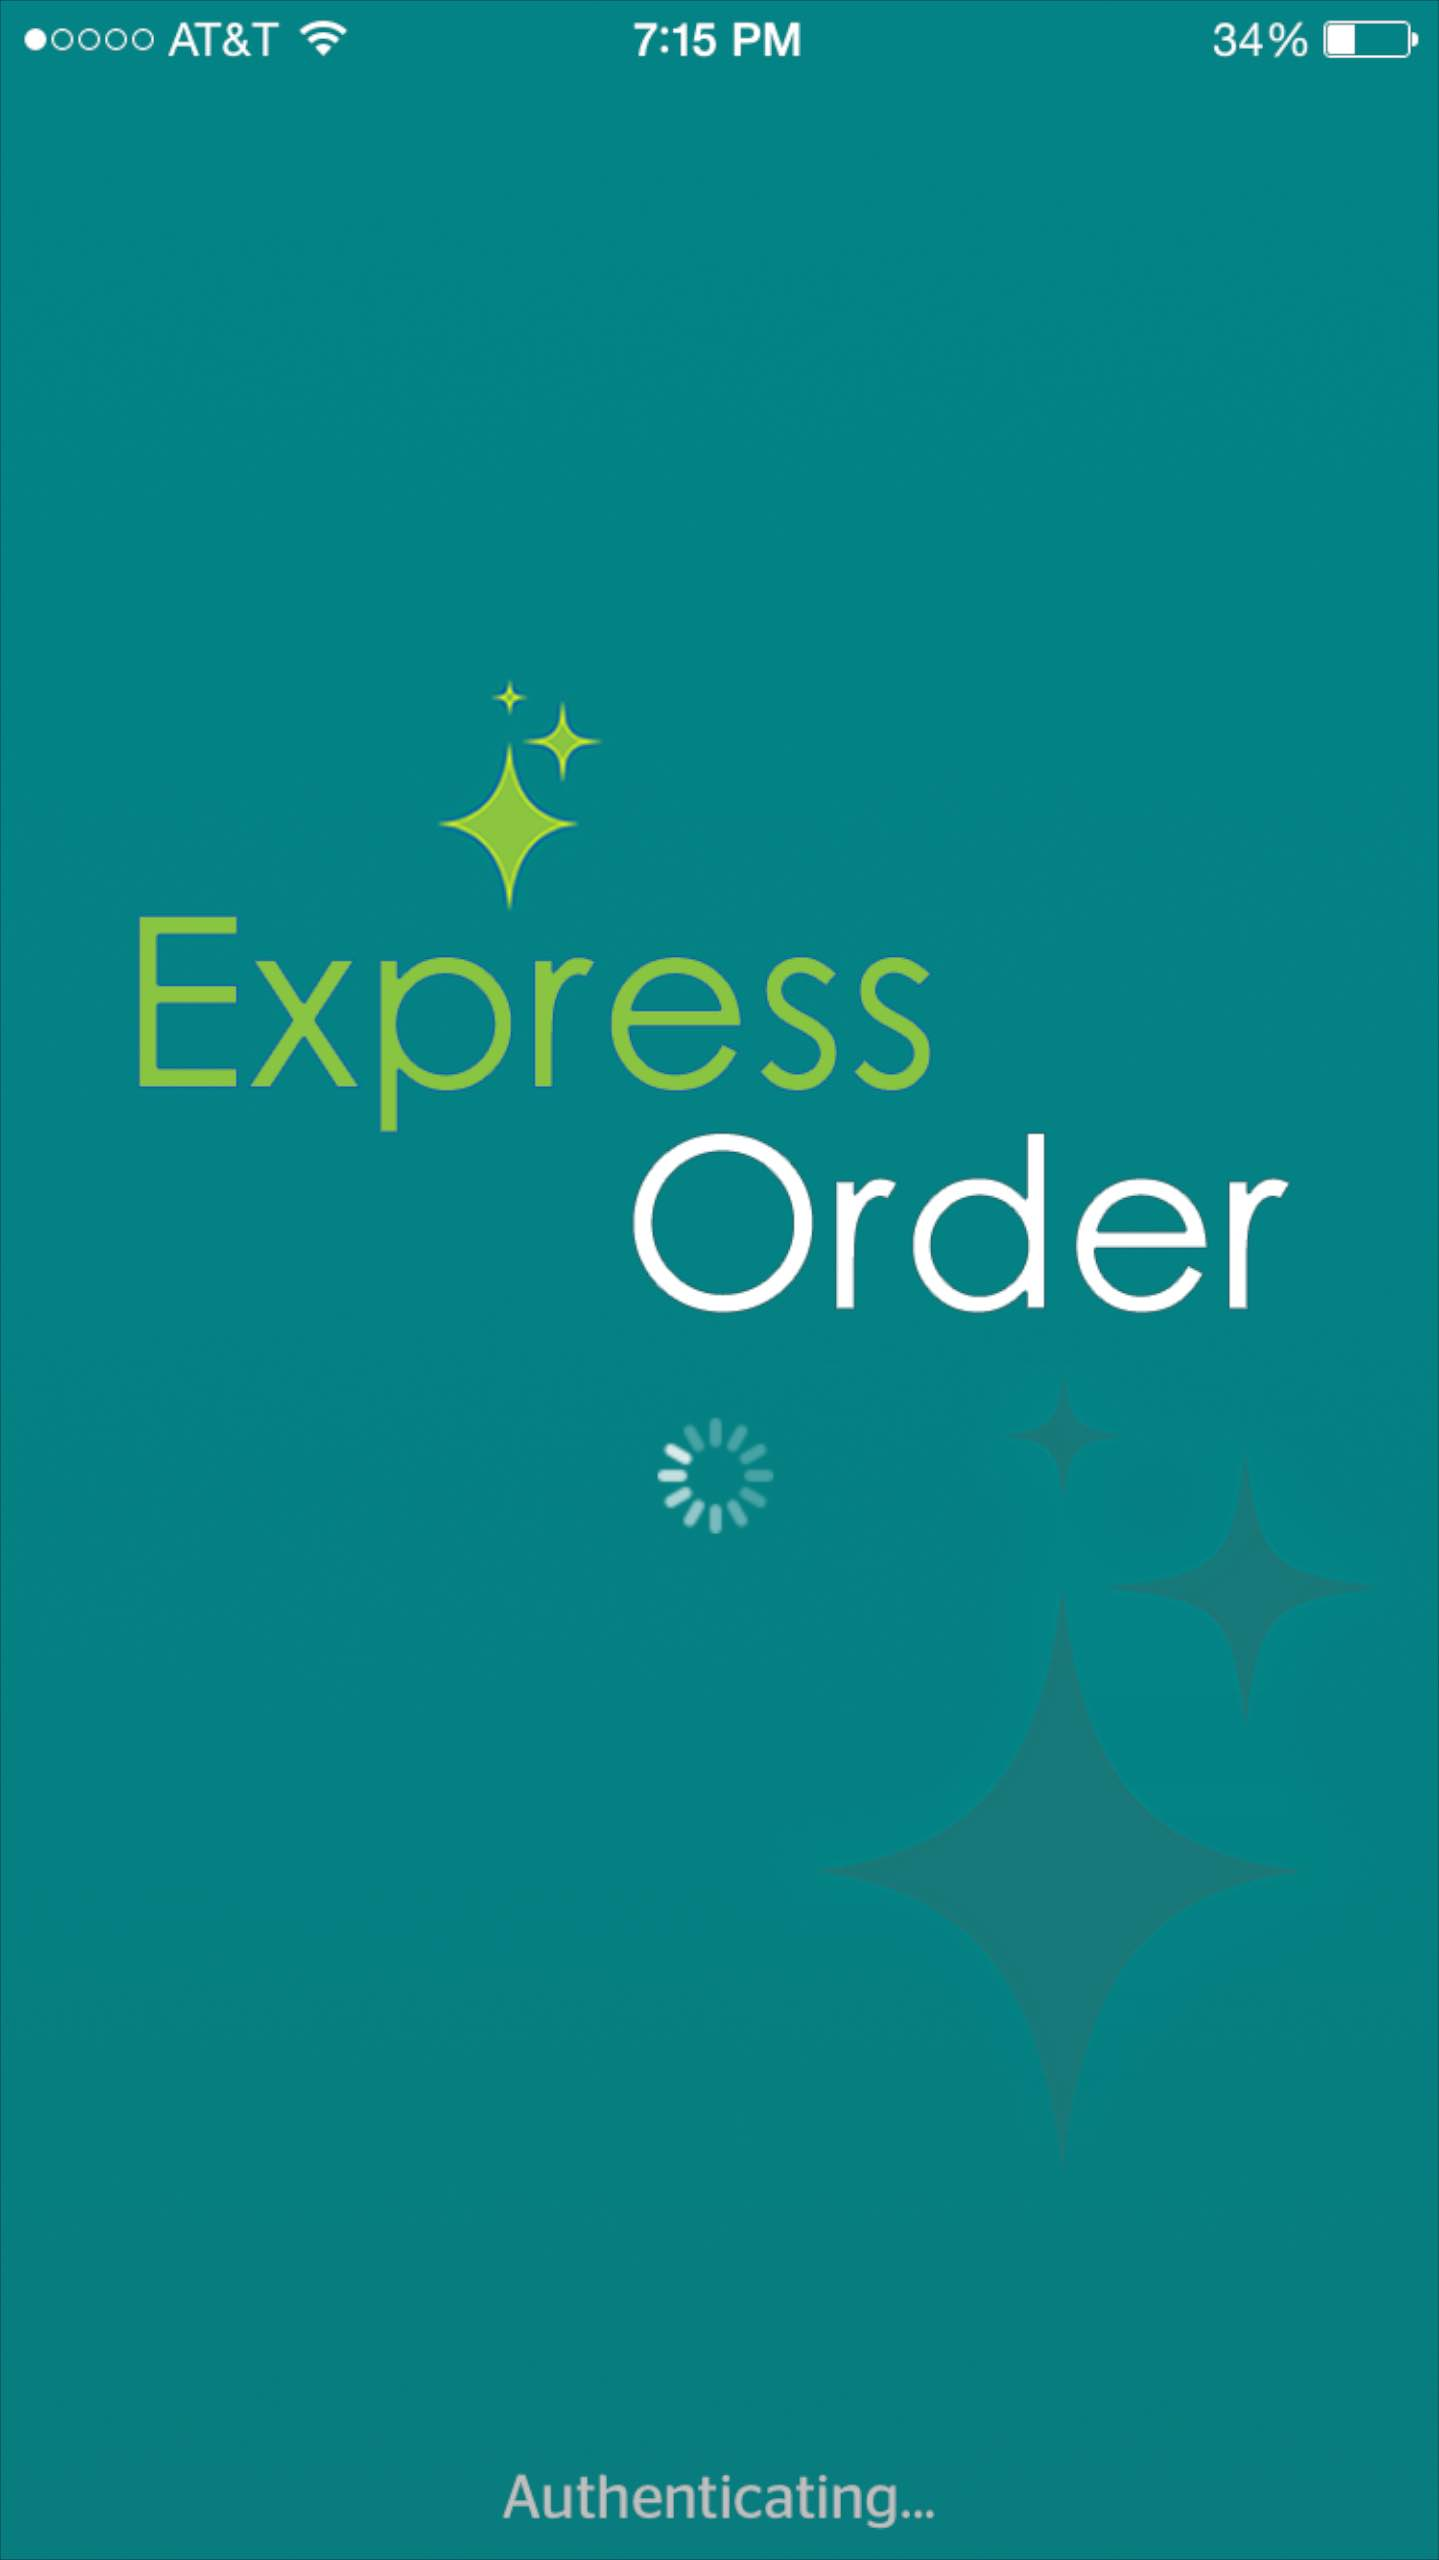 Express Order mobile app